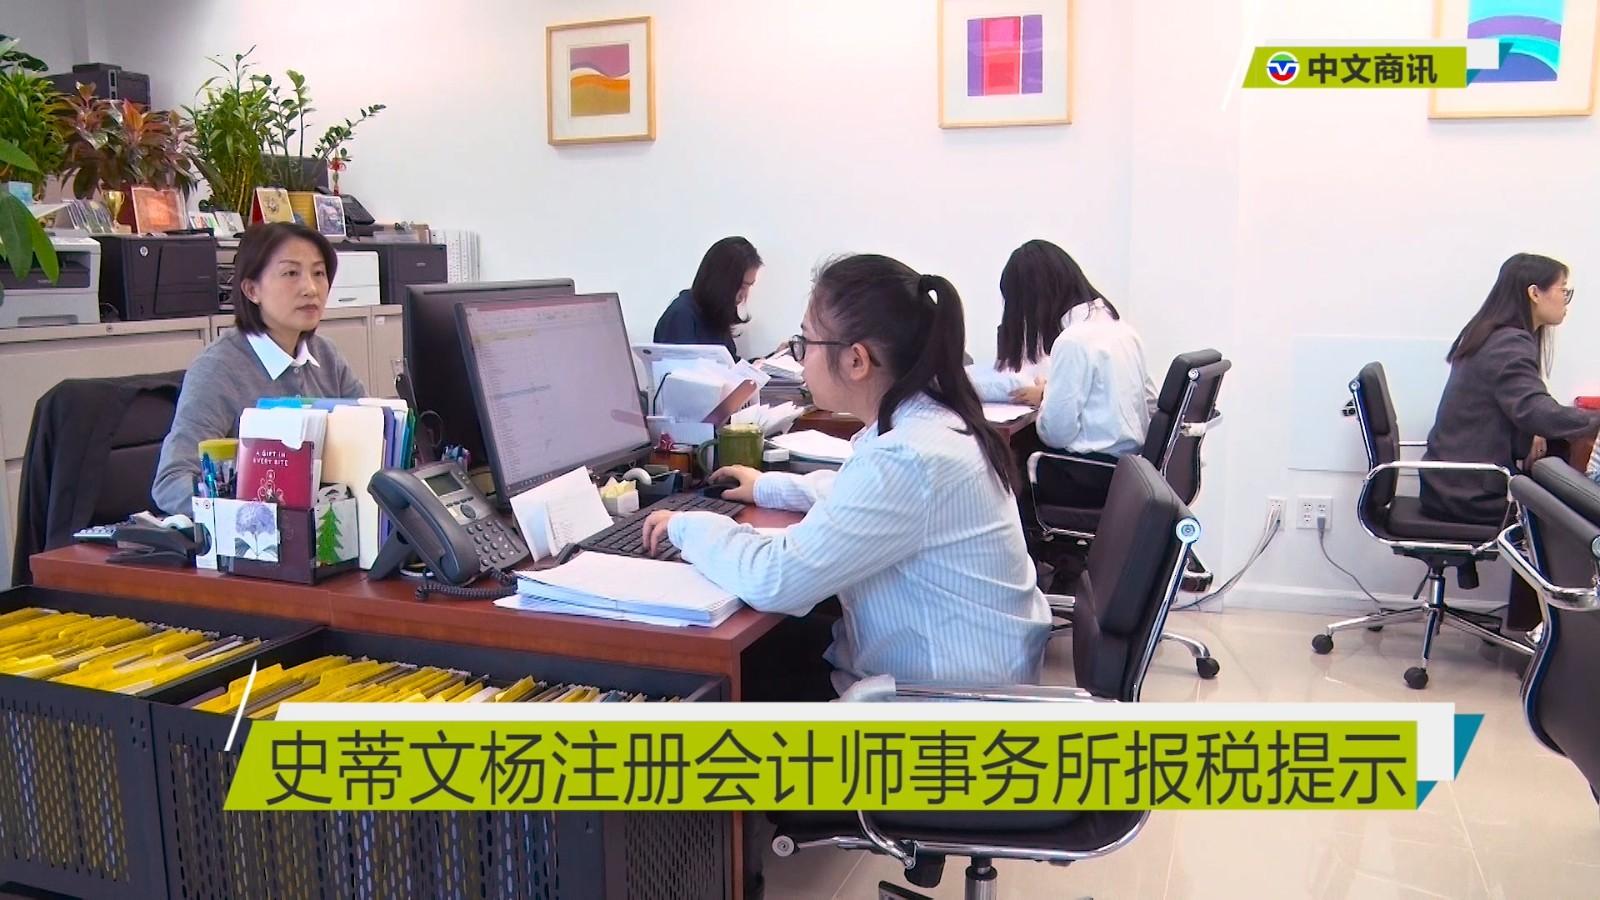 【视频】史蒂文杨注册会计师事务所报税提示